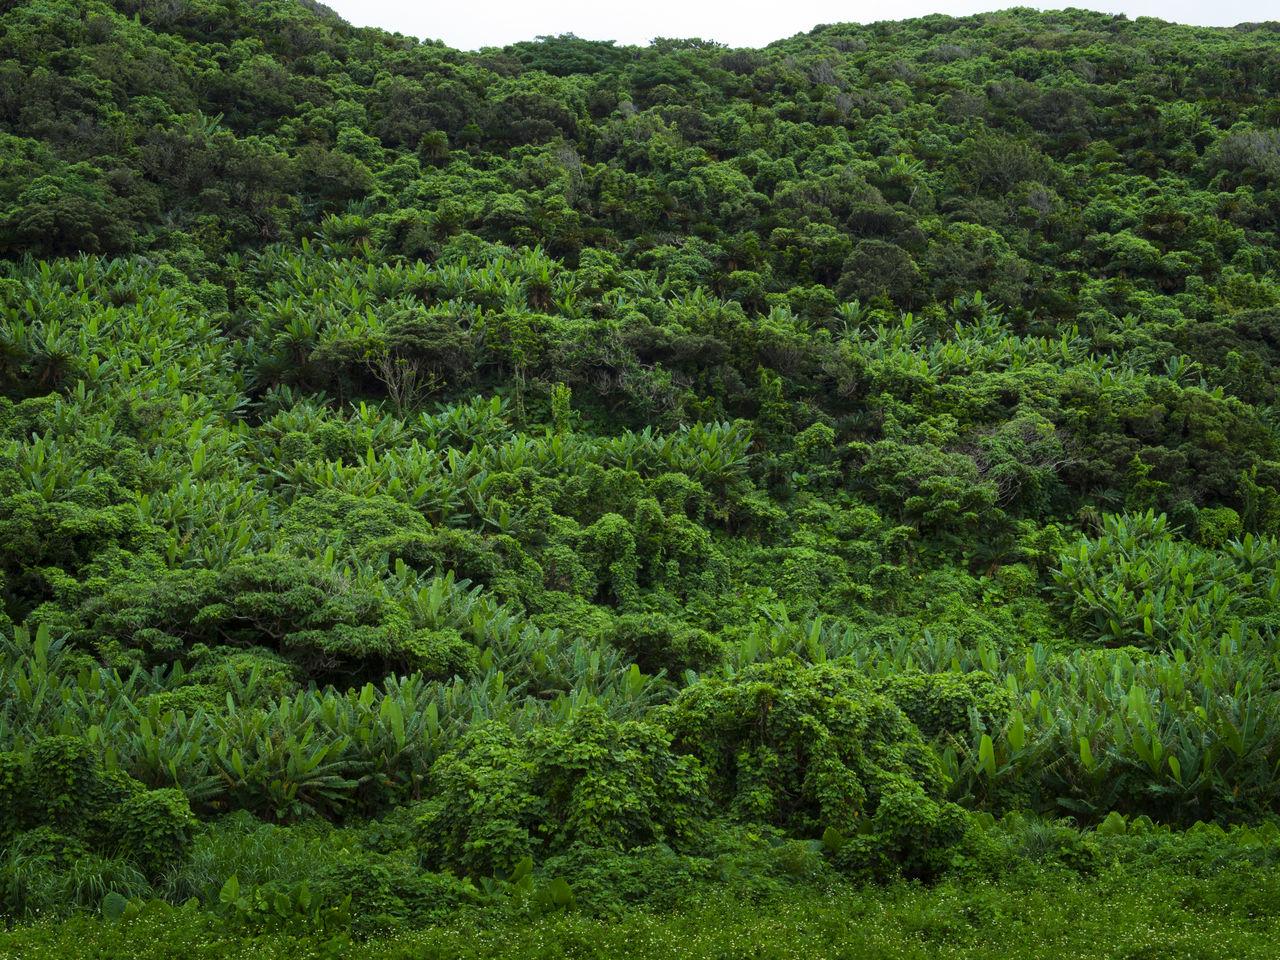 Японские прядильные растения в Анкиябе принадлежат разновидности, именуемой итобасё